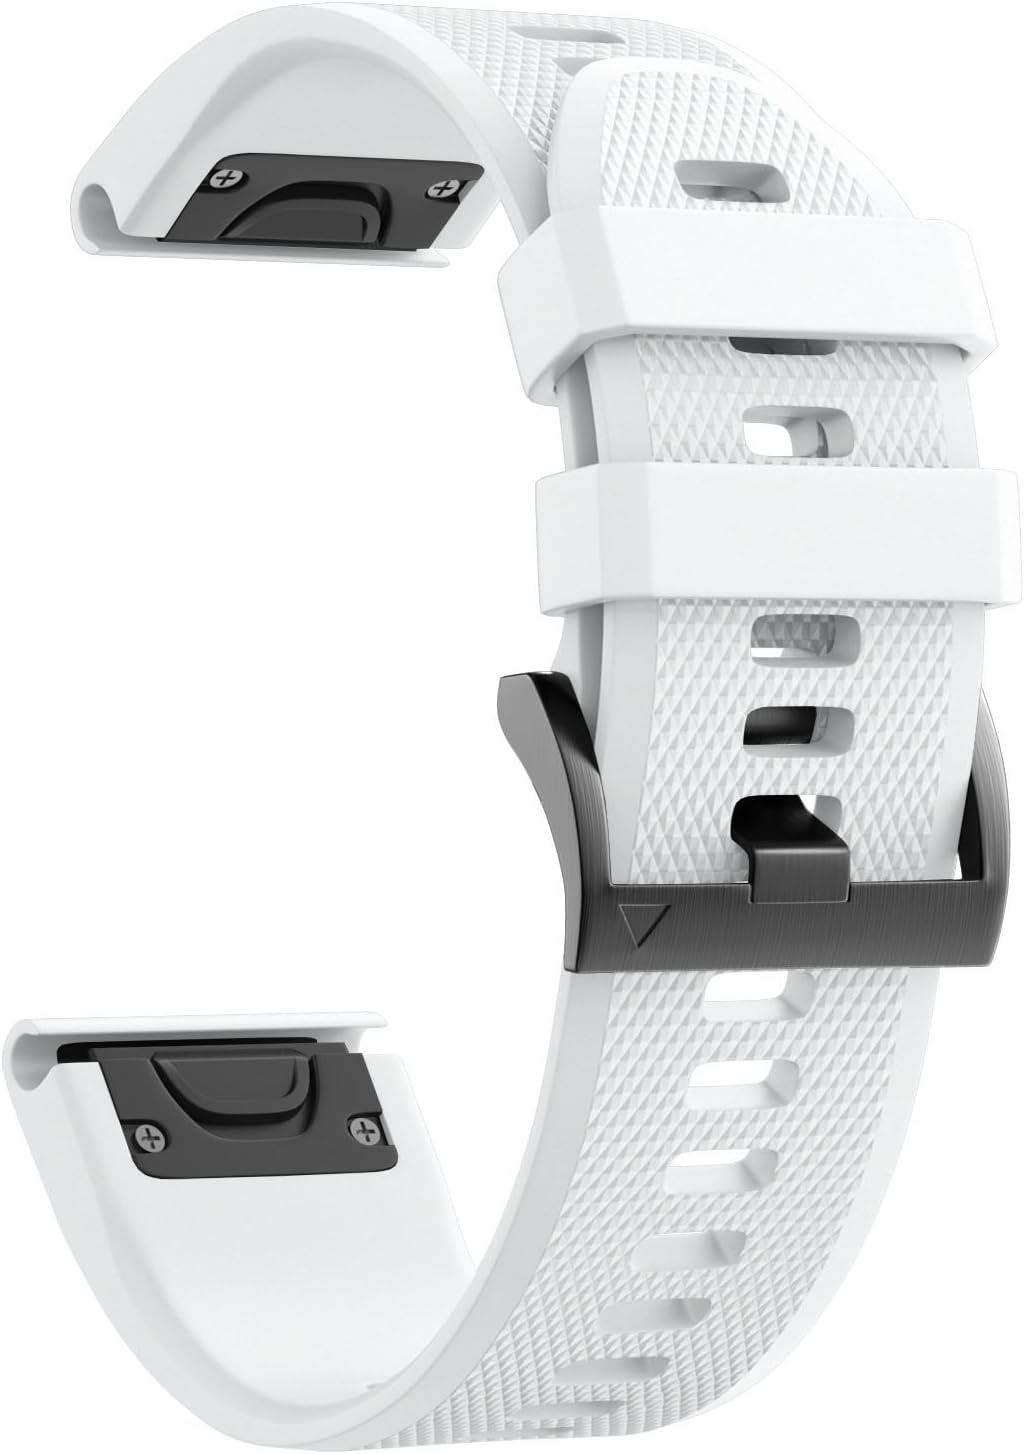 NotoCity Garmin Fenix 5X Banda Fácil de Ajuste 26 mm Ancho Suave Silicona Correa de Reloj para Garmin Fenix 5X/Fenix 3/Fenix 3 HR